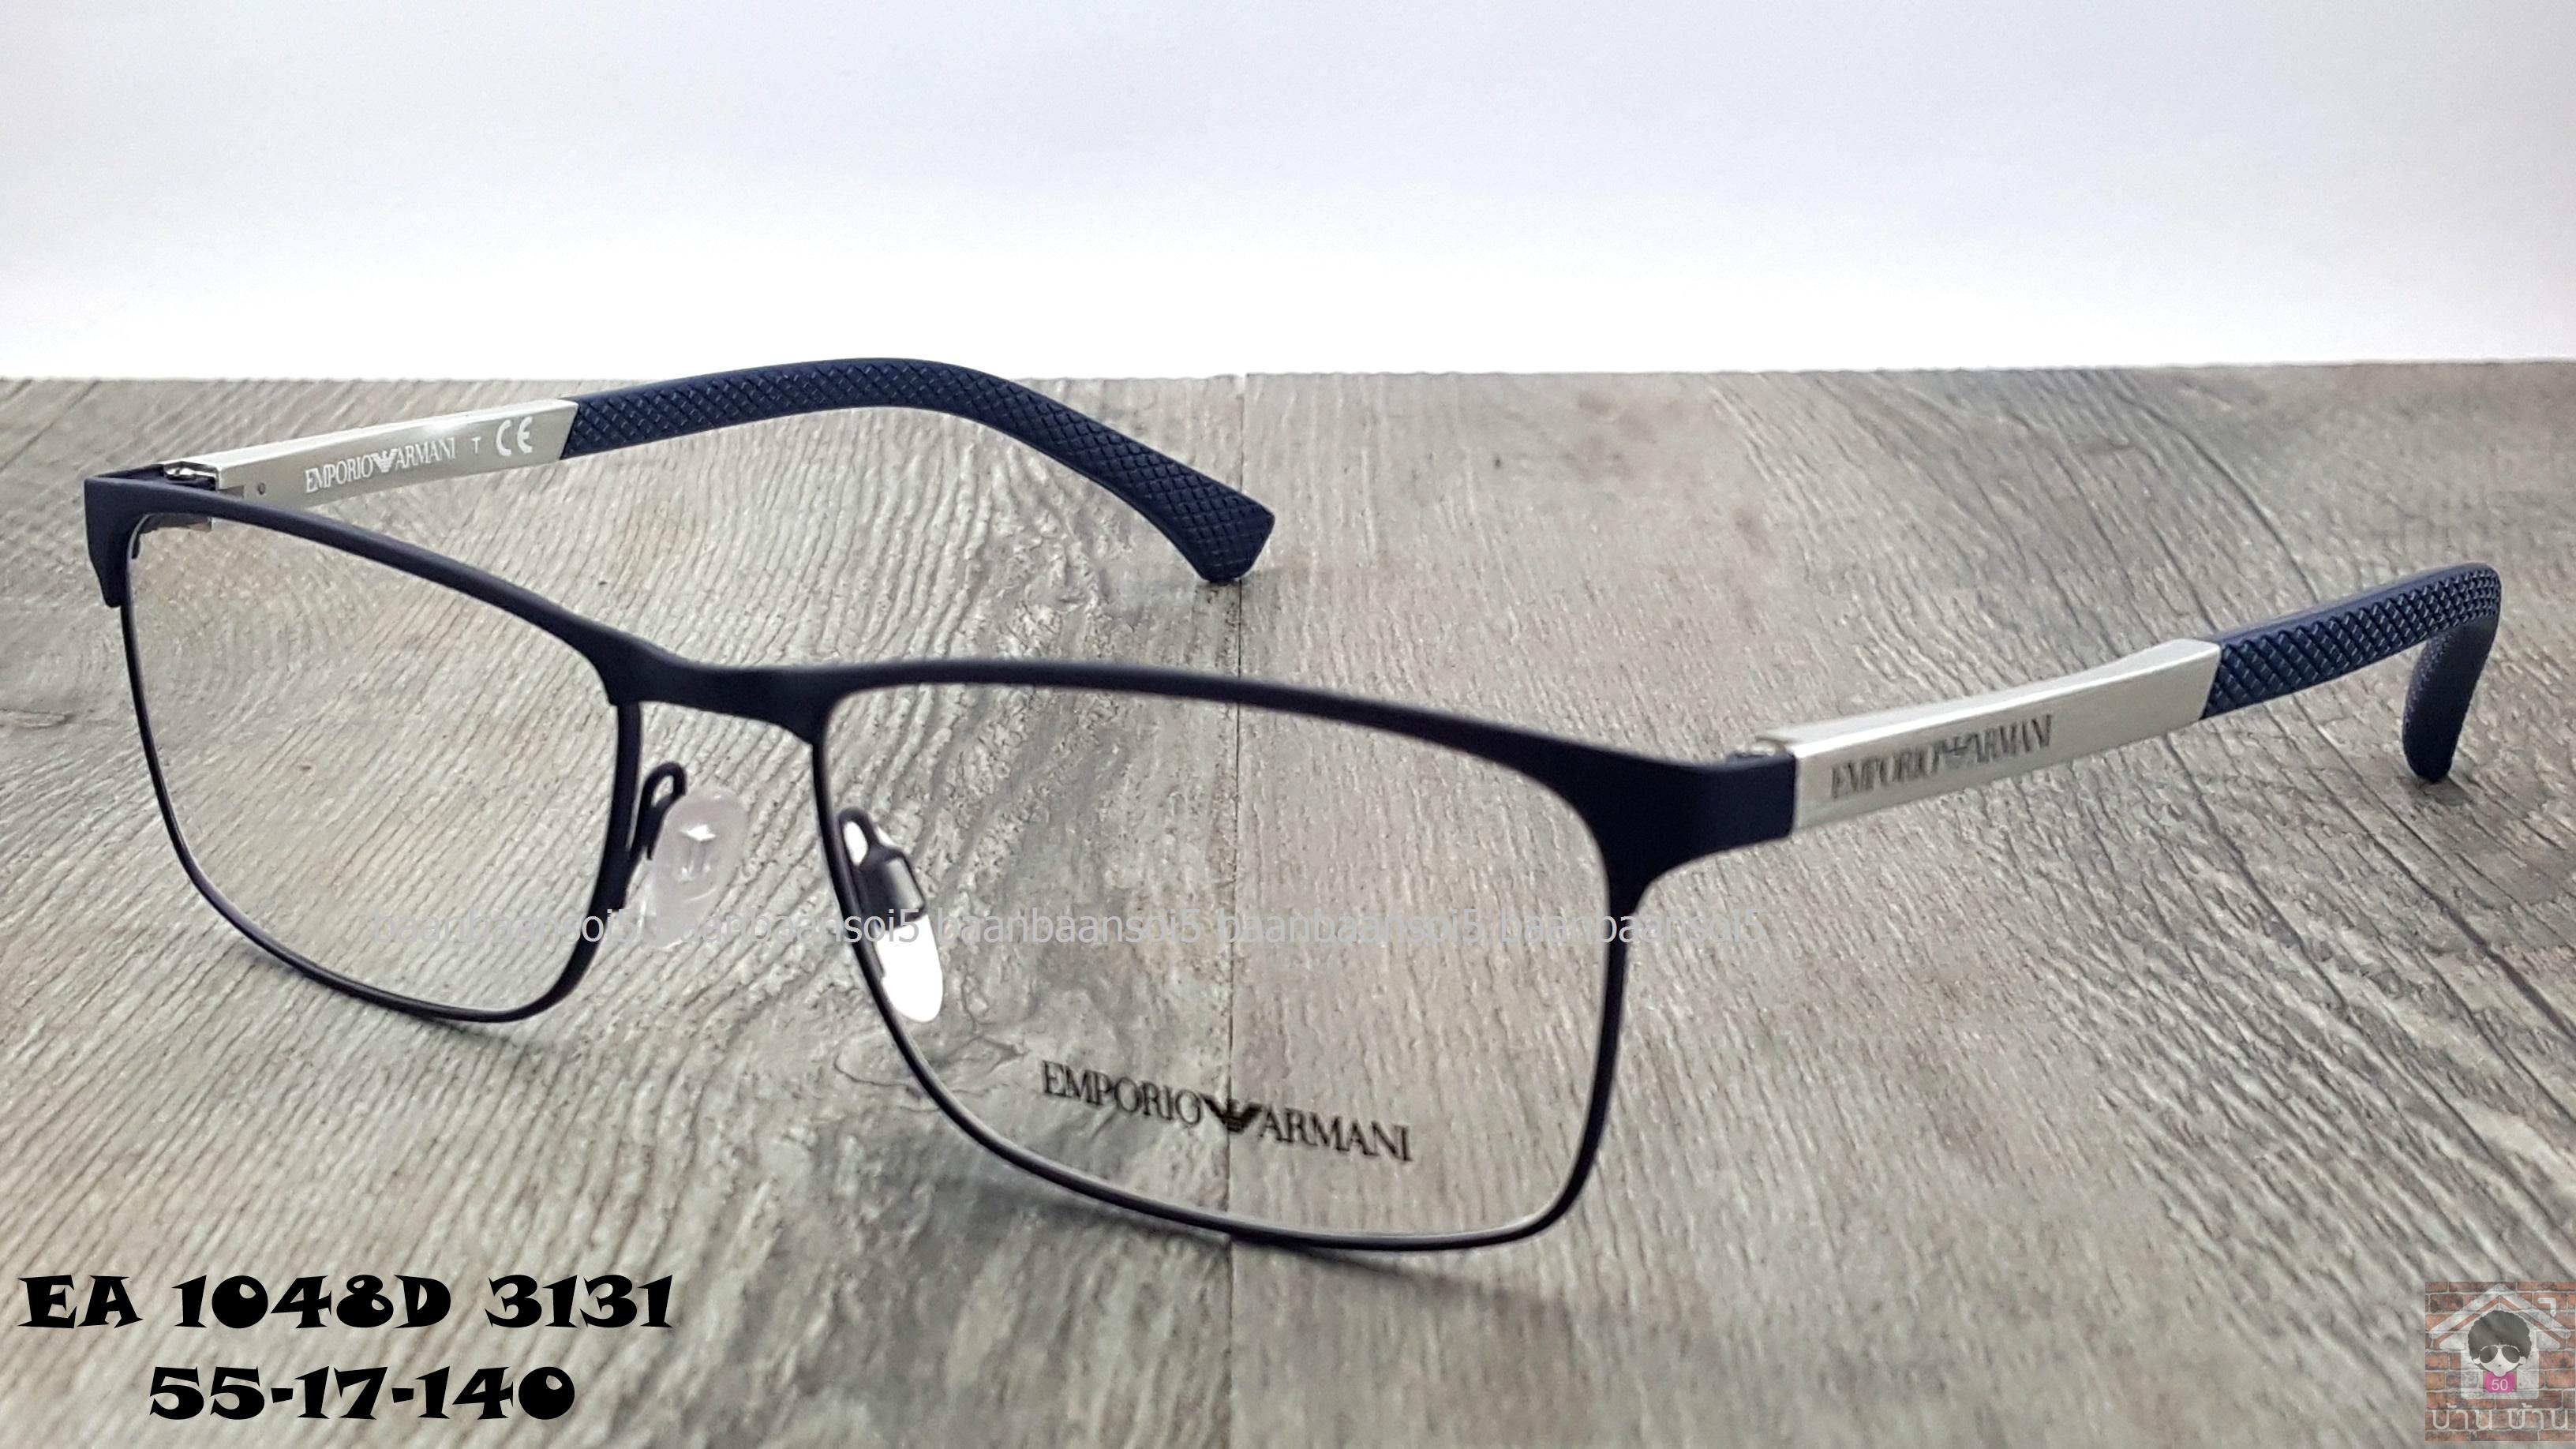 Empoiro Armani EA 1048D 3131 โปรโมชั่น กรอบแว่นตาพร้อมเลนส์ HOYA ราคา 5,300 บาท